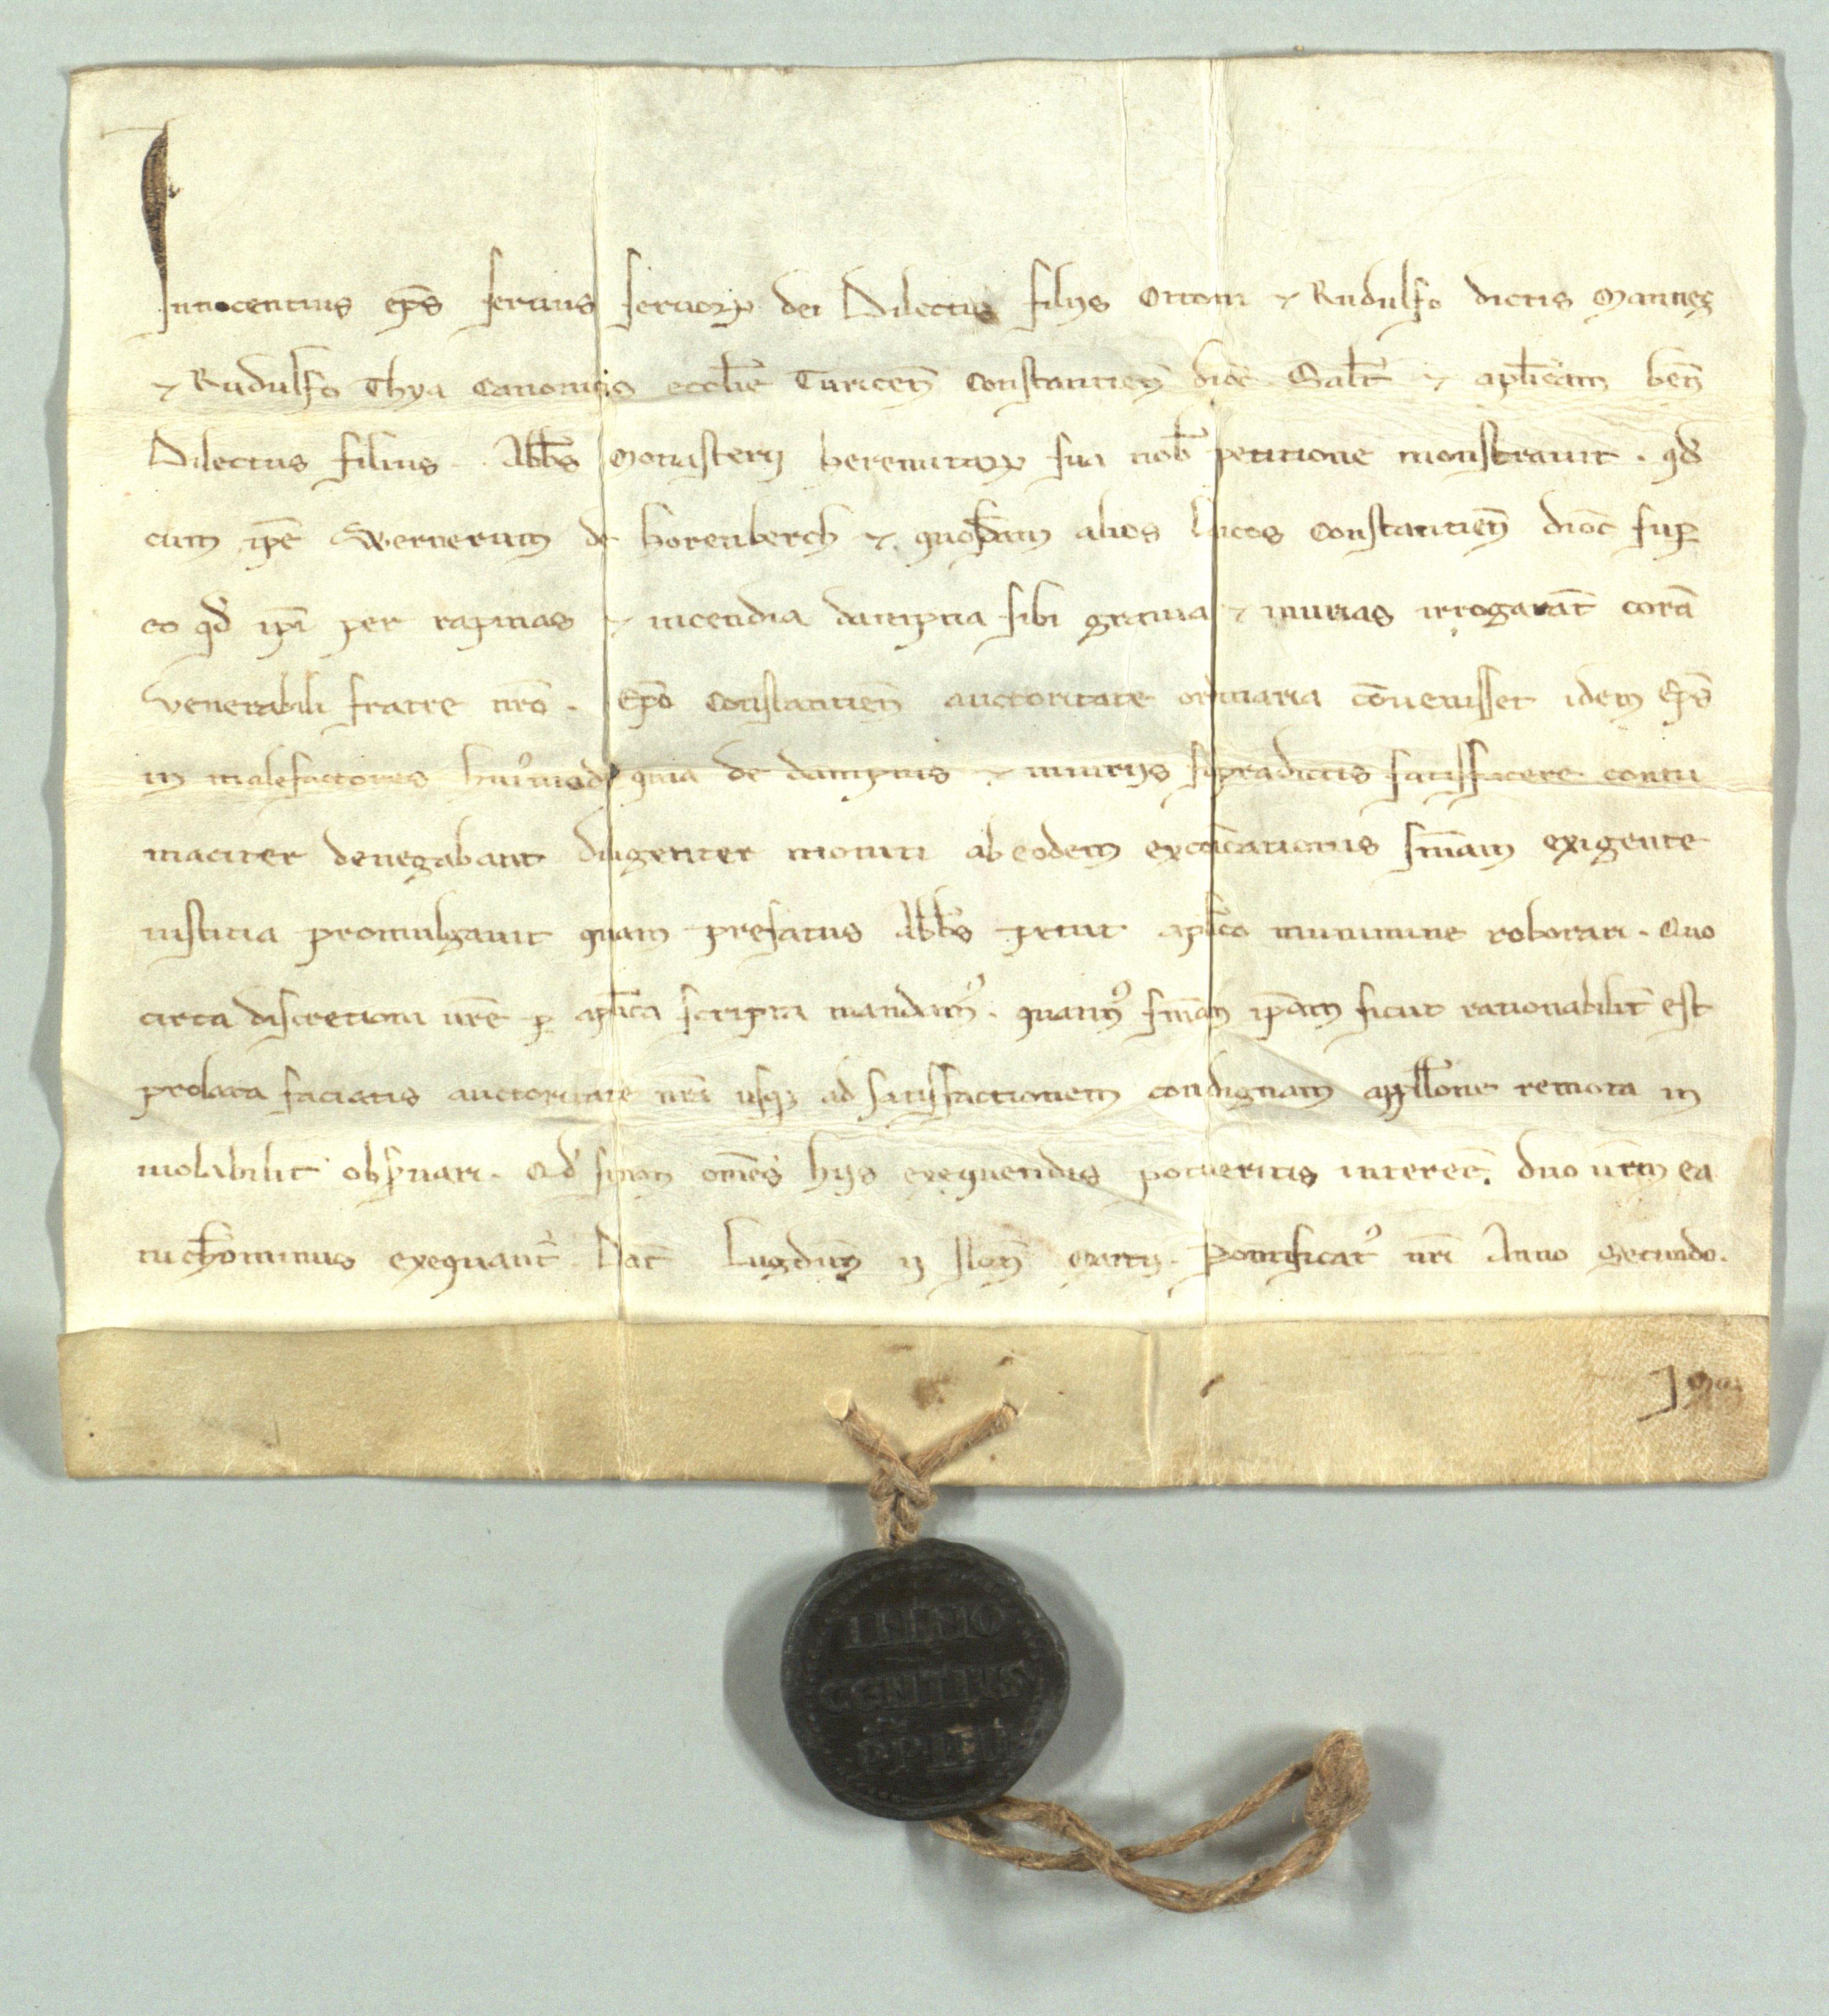 Einsiedeln, Klosterarchiv Einsiedeln,  Urkunde Nr. 103 (KAE A.LA.1)